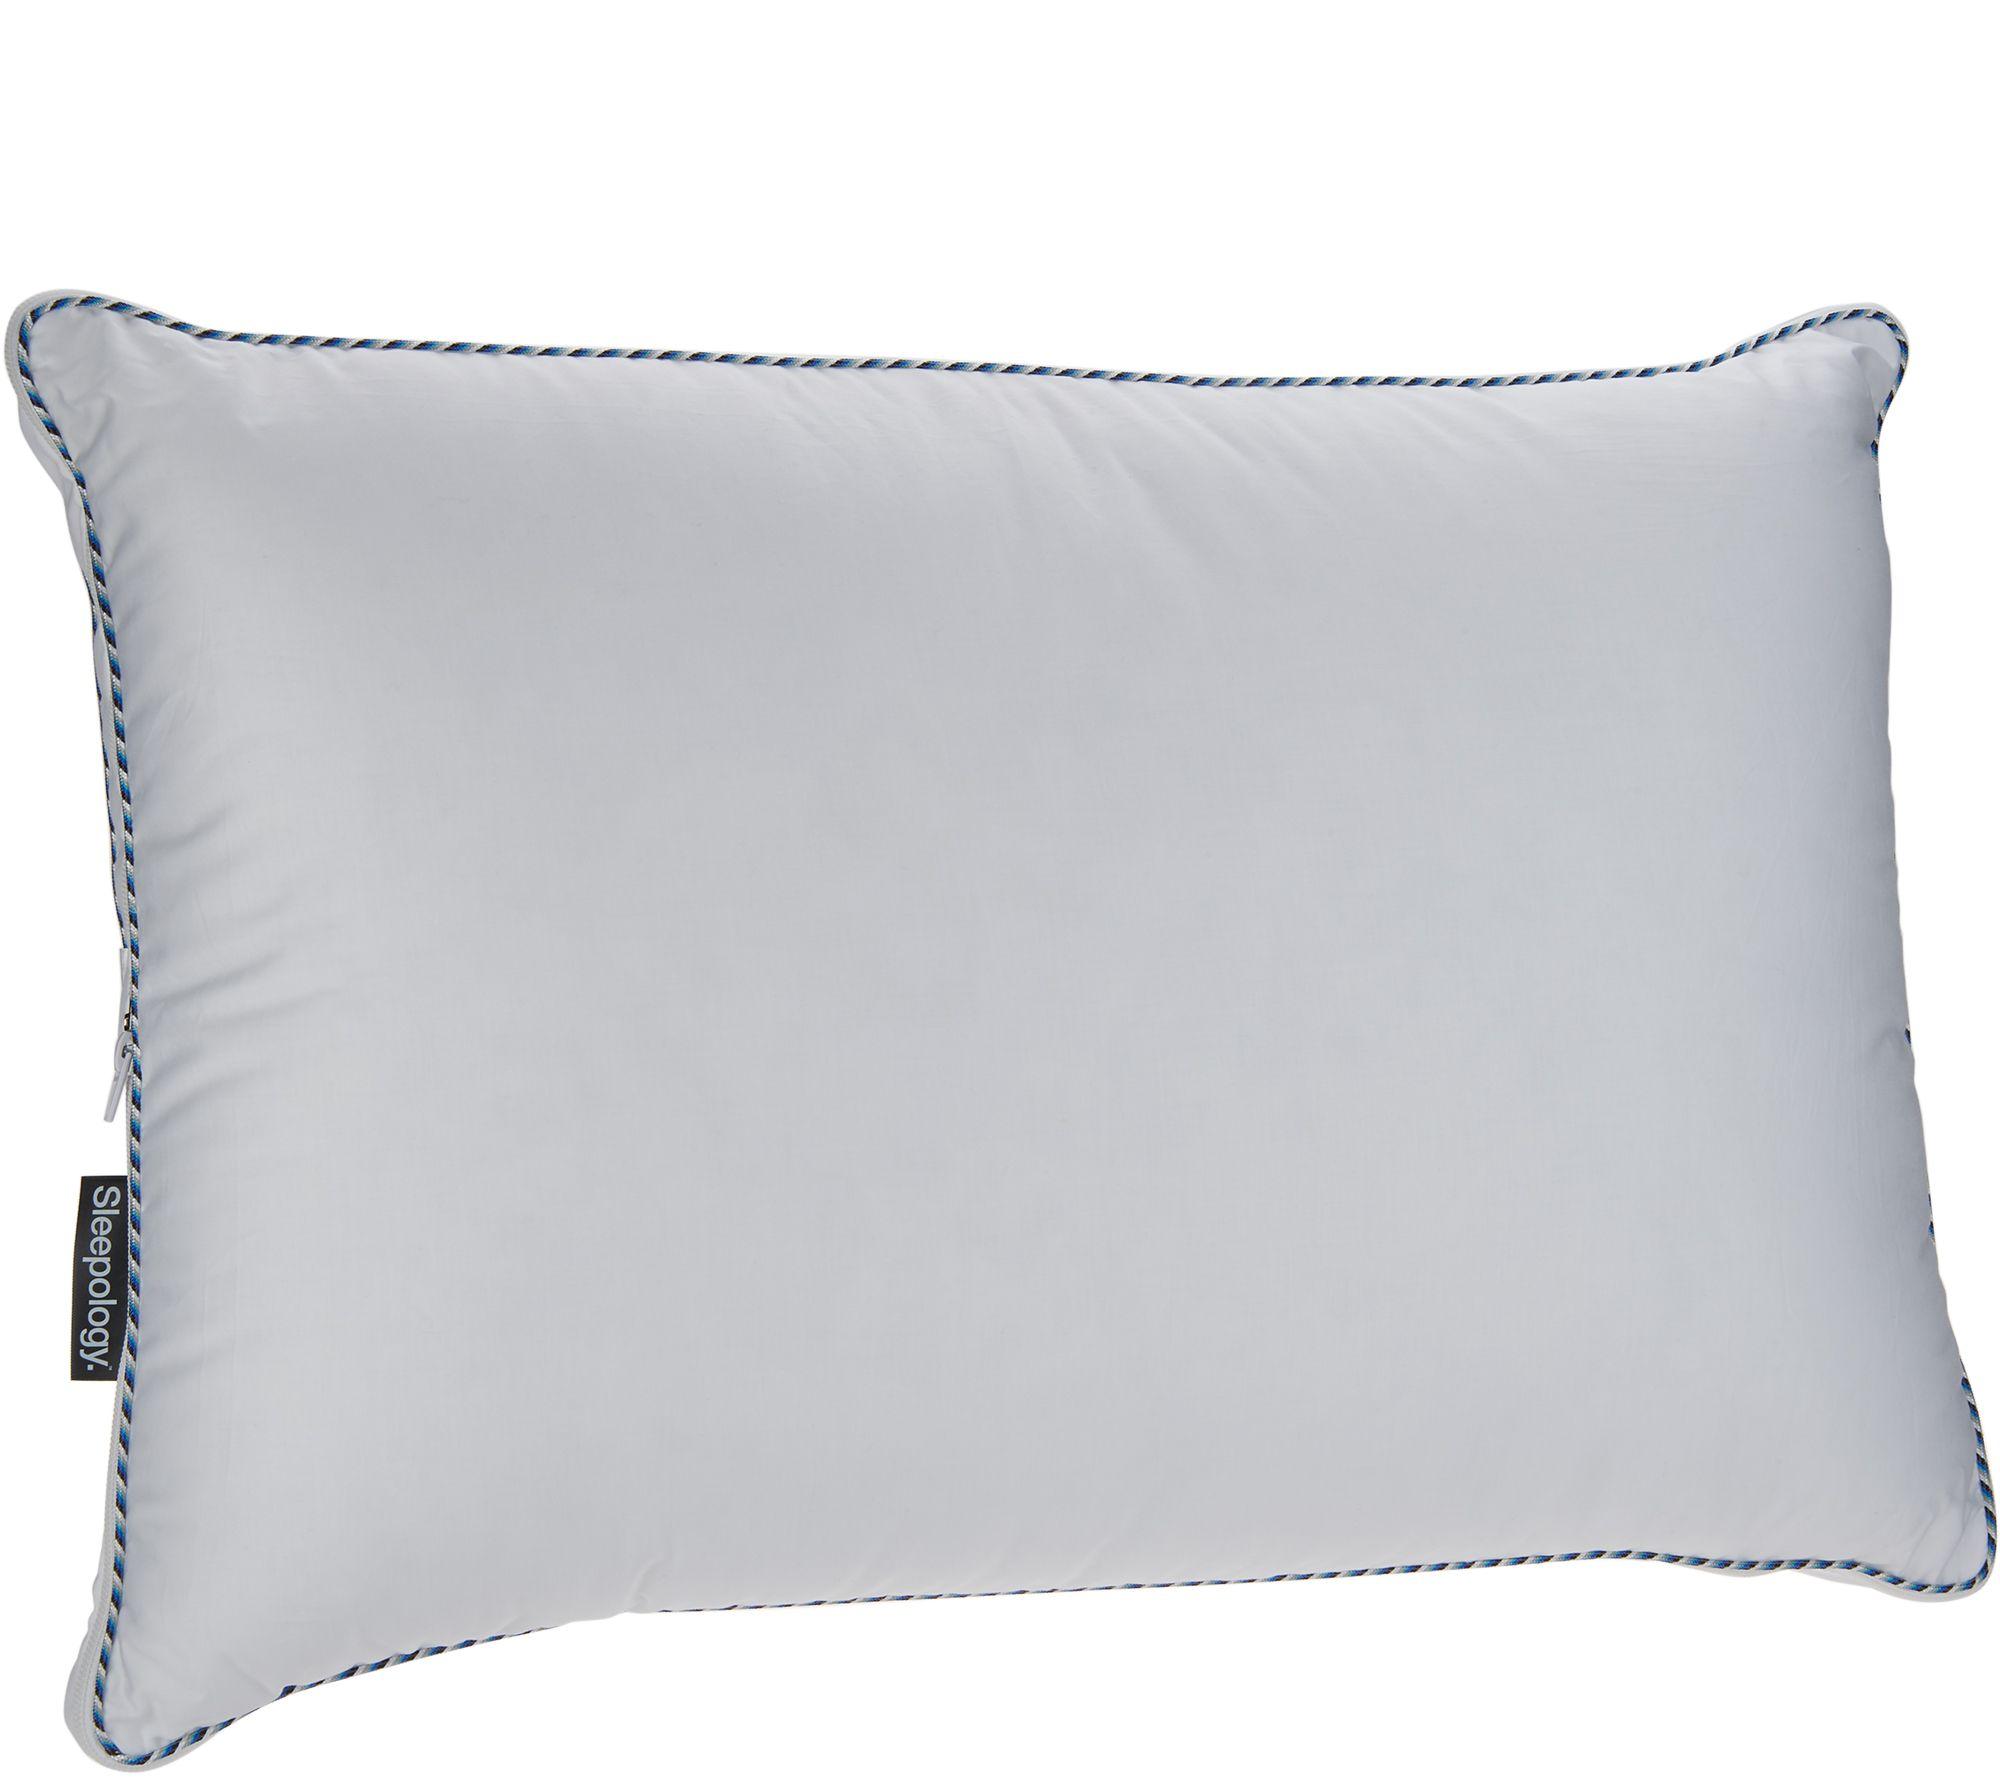 b91b061a77c Sleepology Ideal Slumber Customizable Standard Queen Pillow - Page 1 —  QVC.com